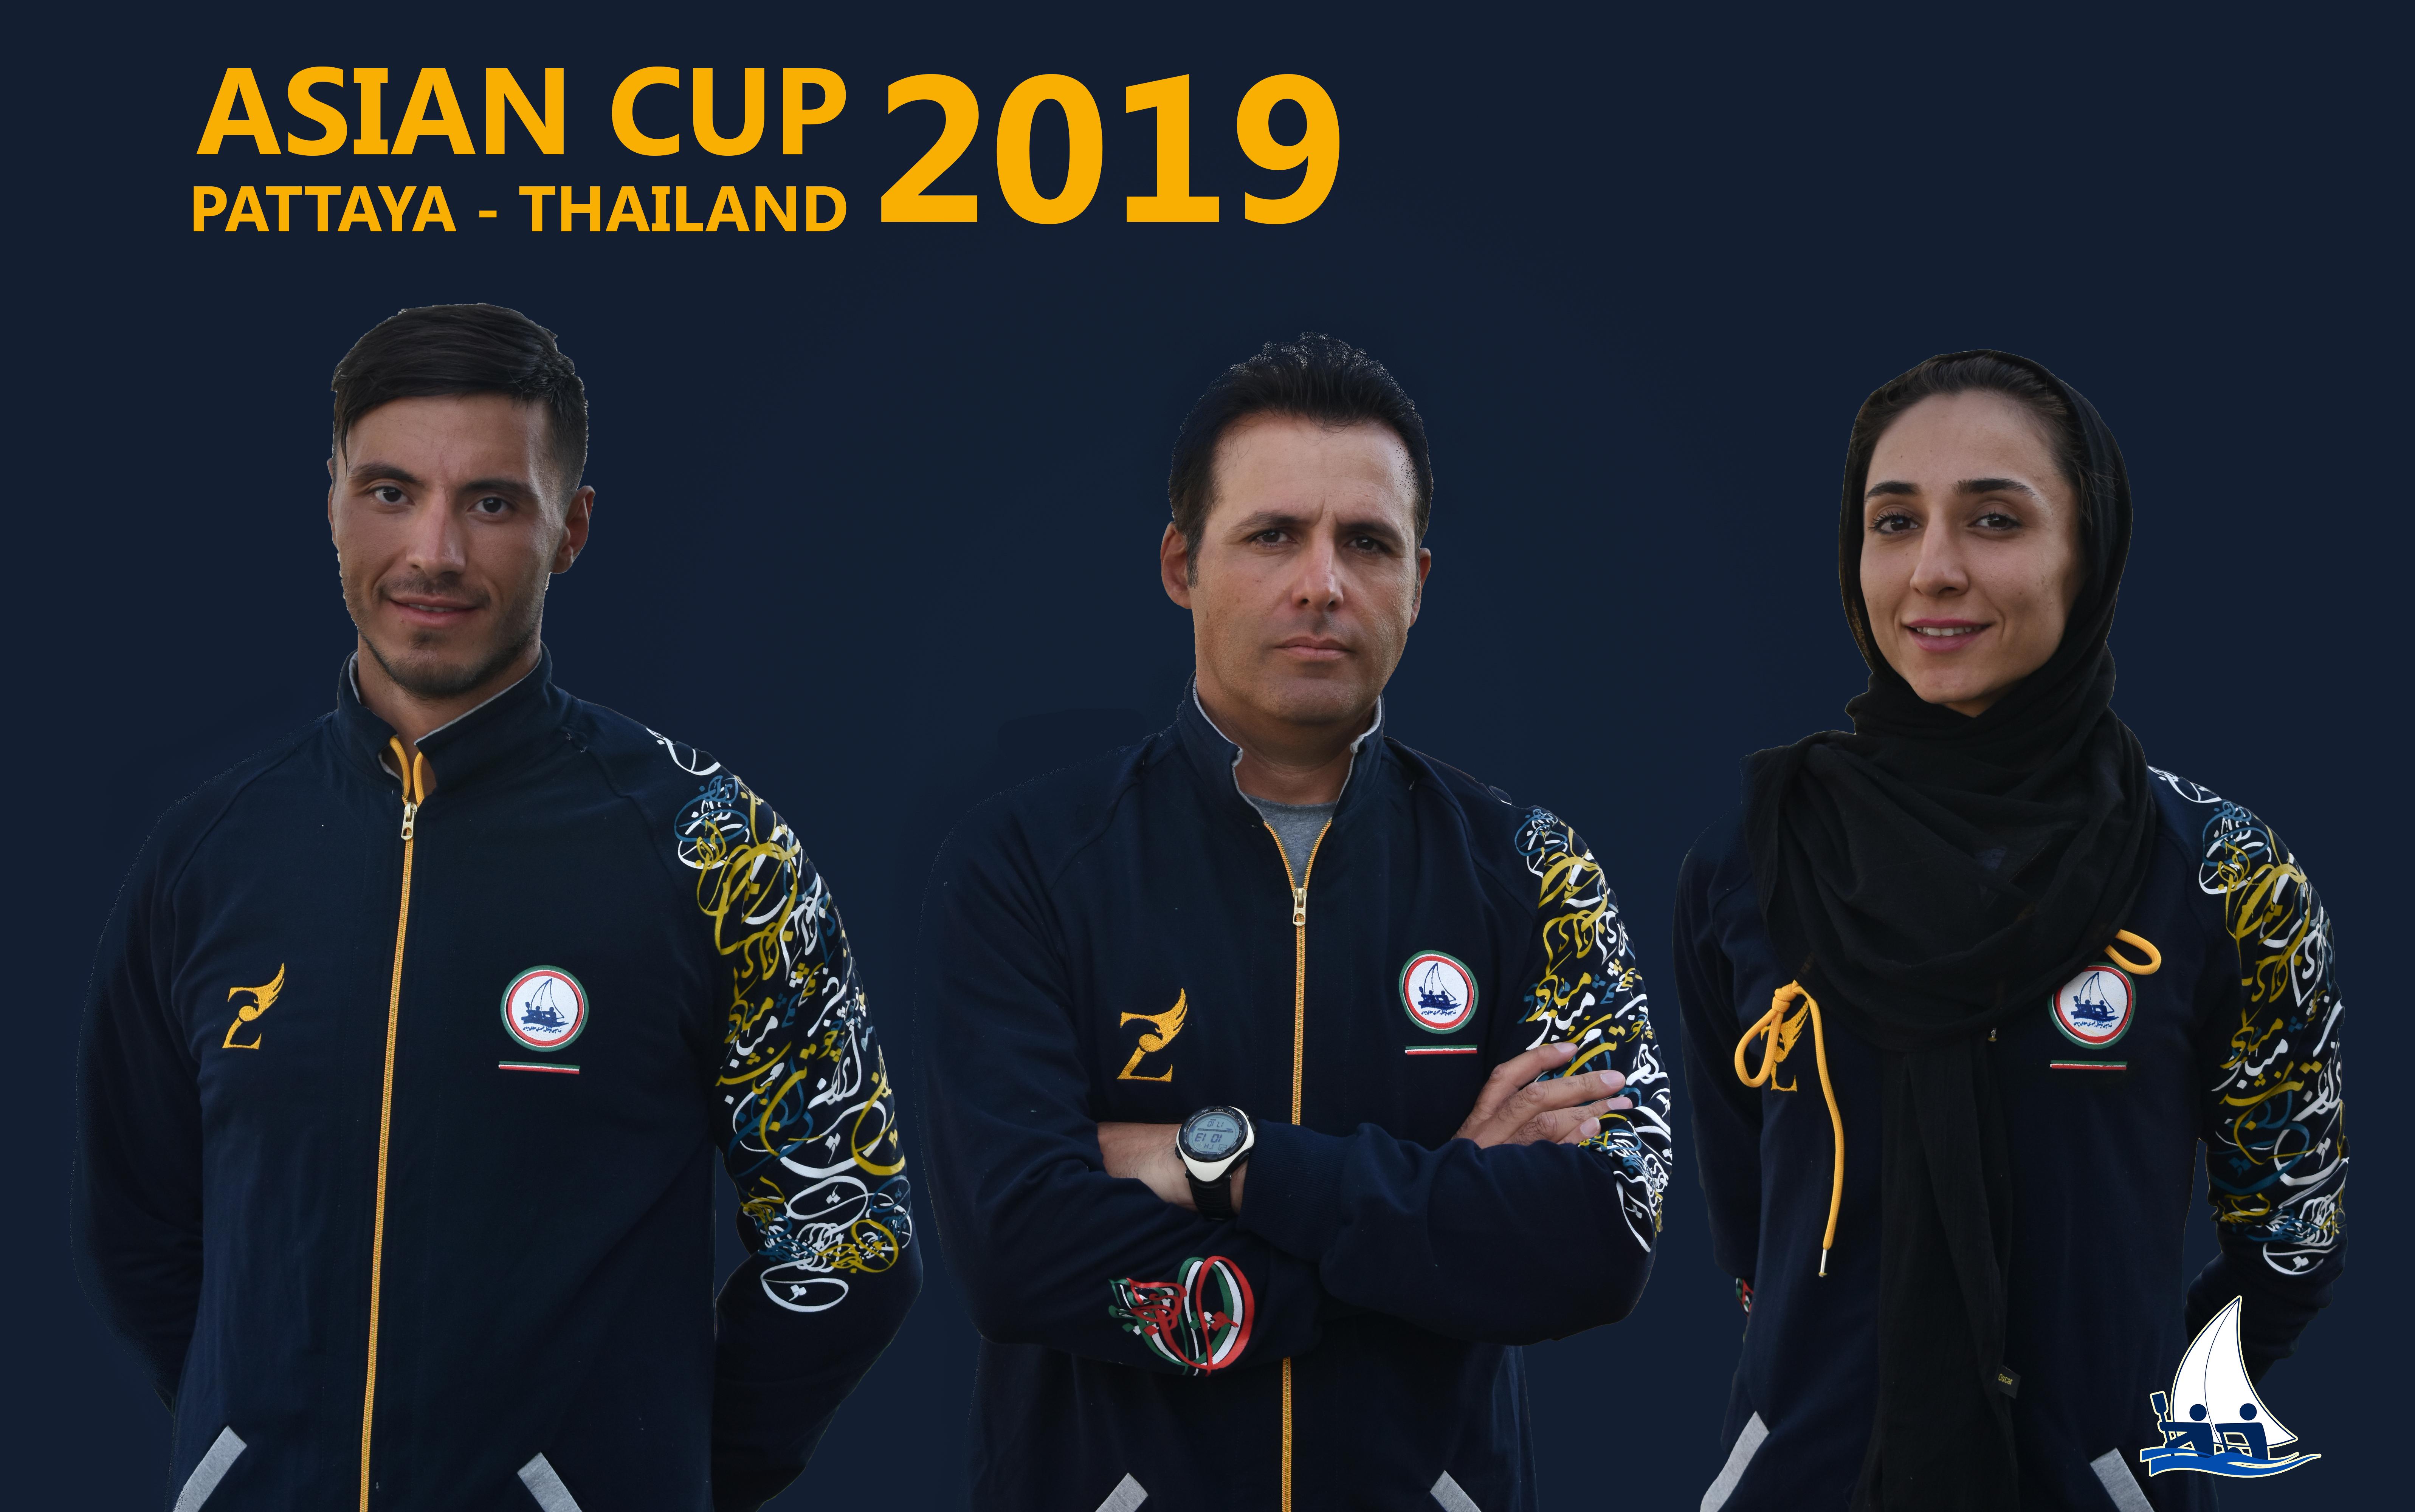 تیم ملی روئینگ ایران راهی مسابقات کاپ آسیا شد